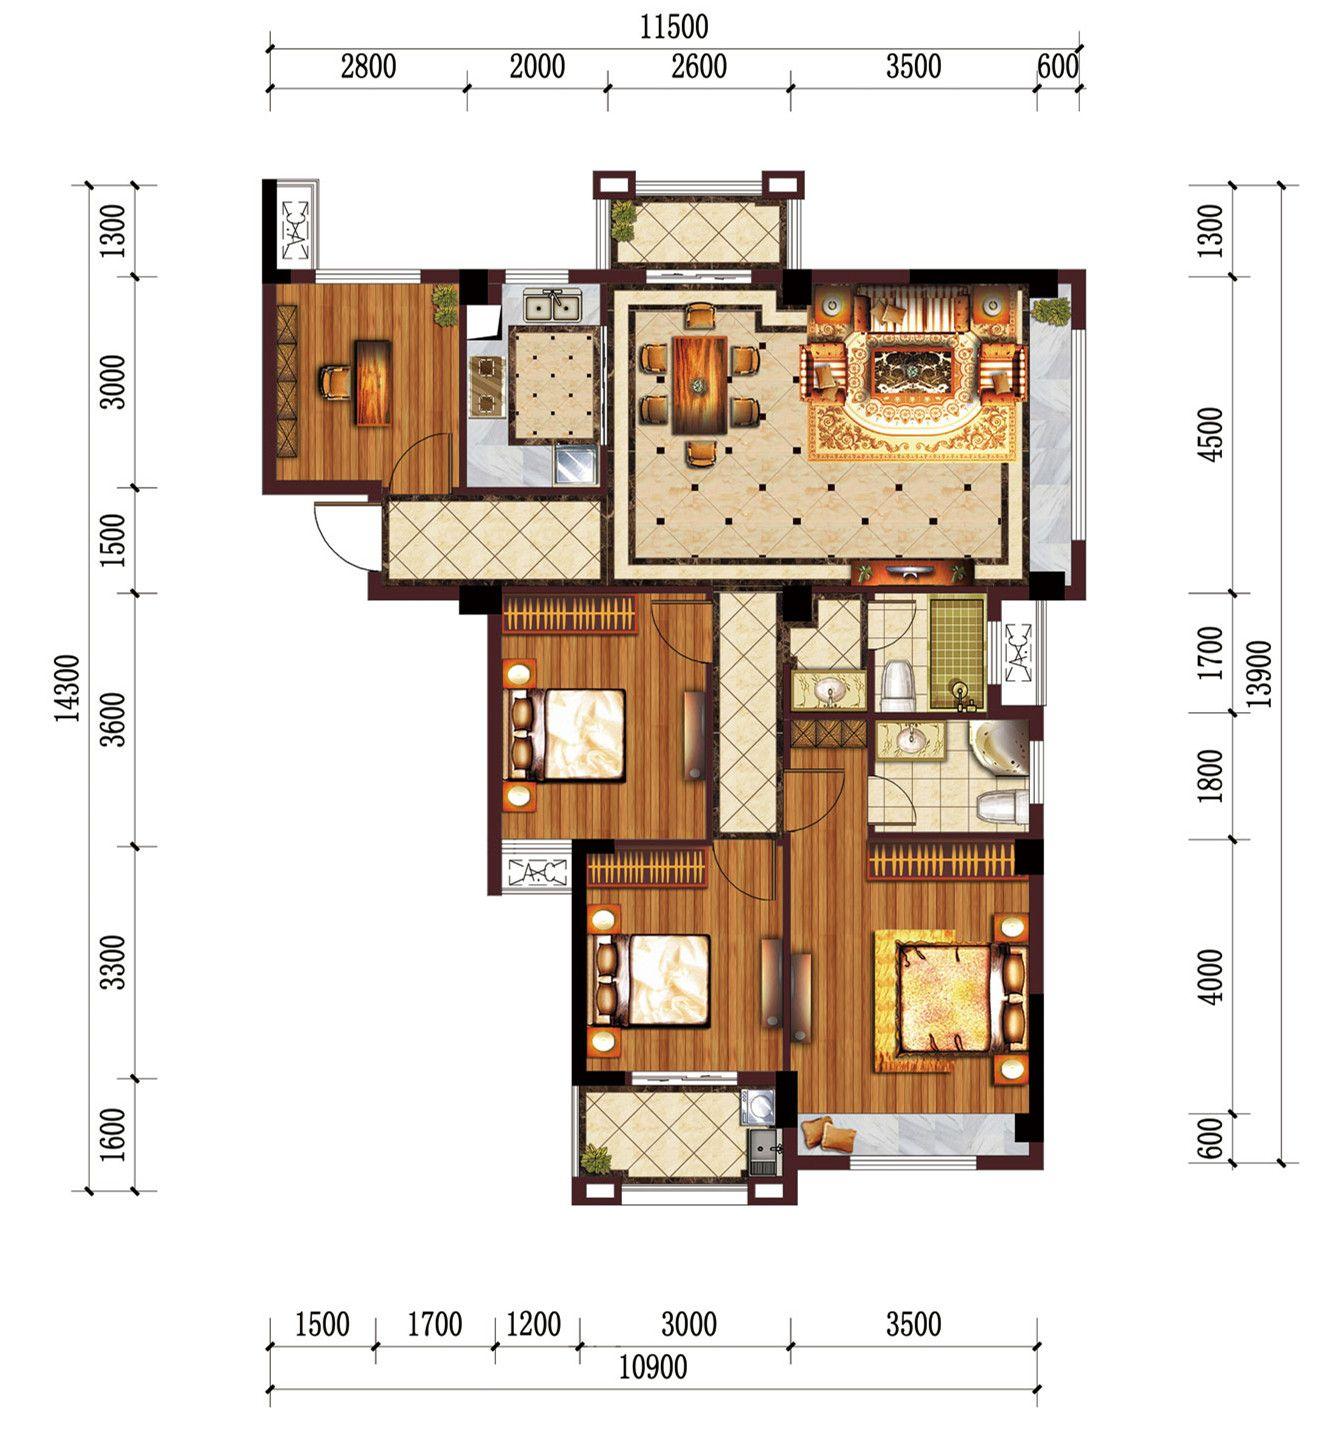 公园道B区御湖K4室2厅123.06平米